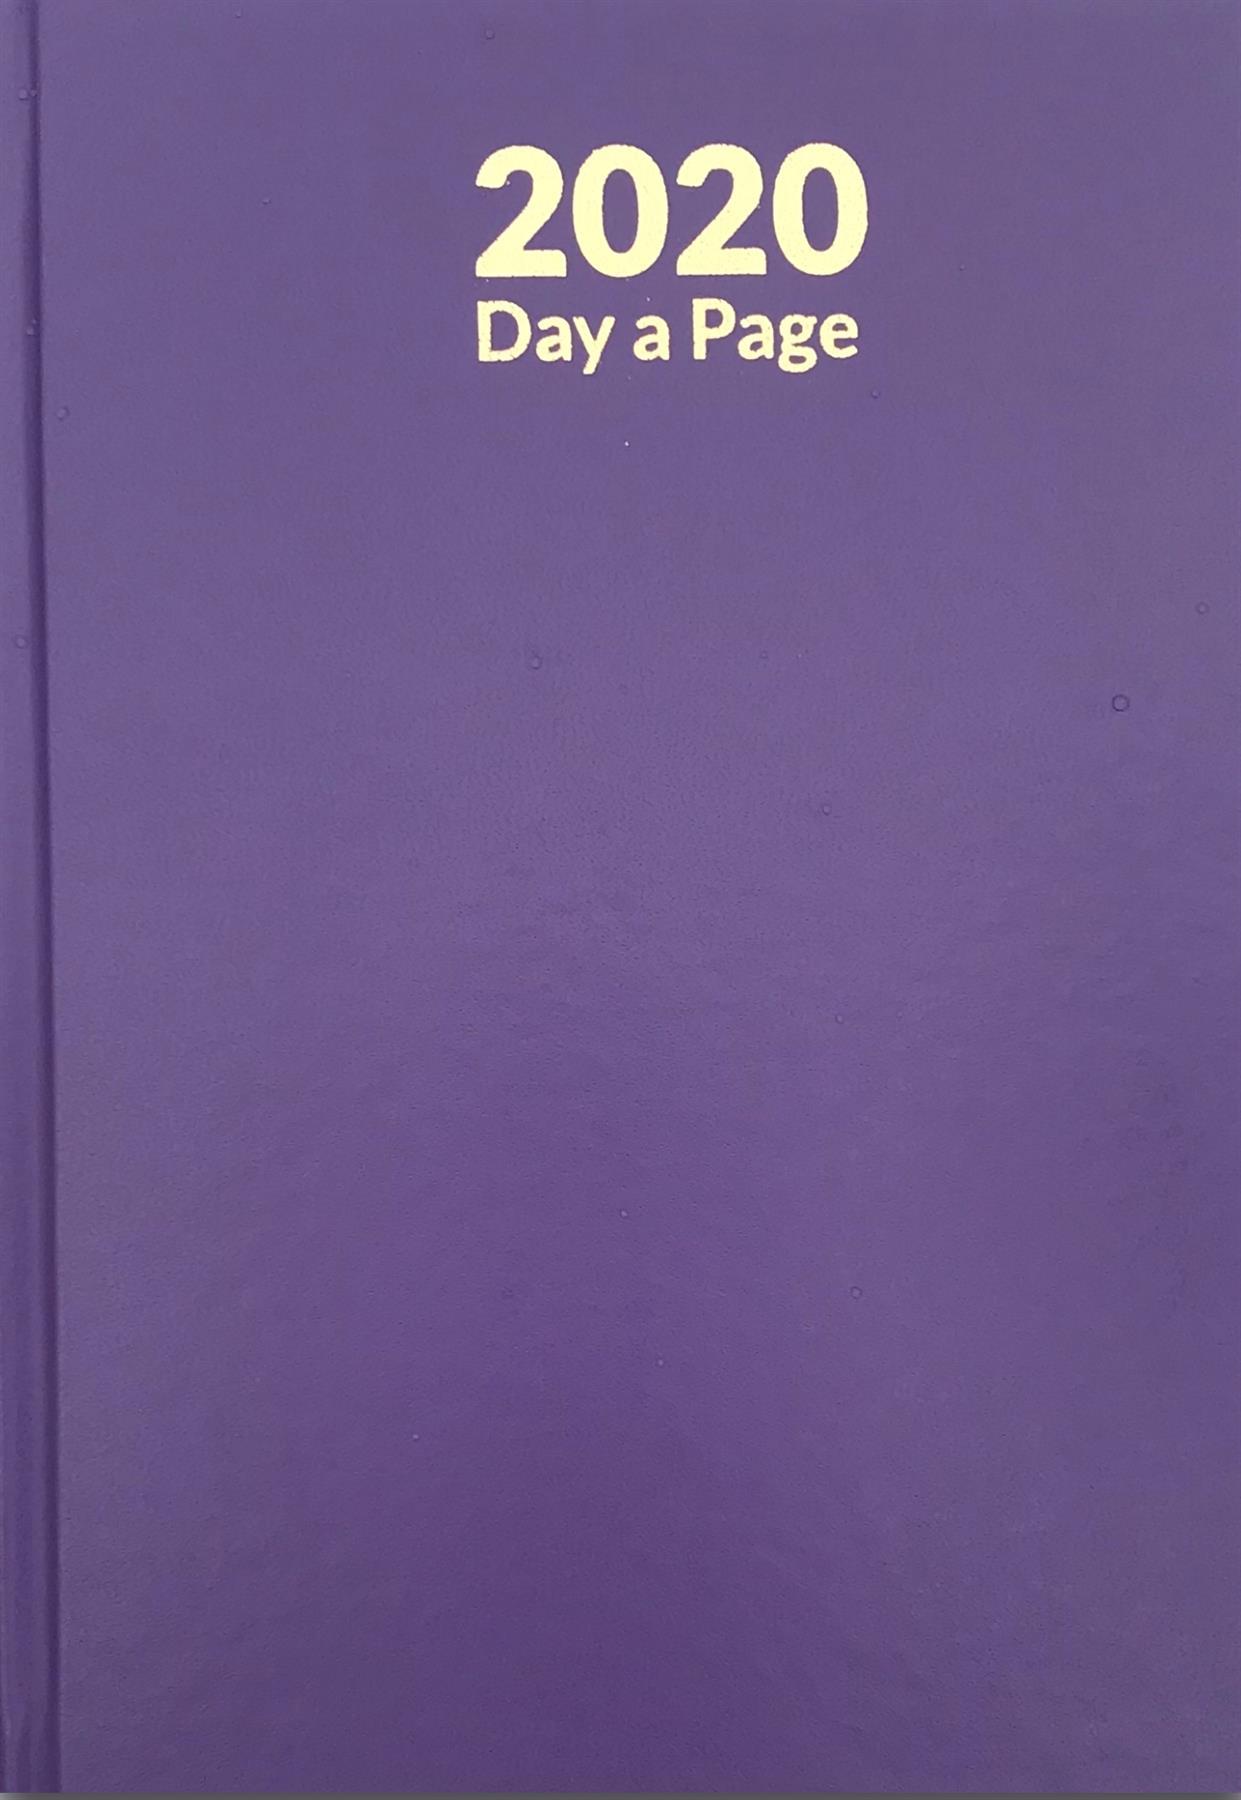 Pagina-de-A4-A5-2020-un-dia-semana-para-ver-diario-diario-de-cubierta-dura-Blancas miniatura 17